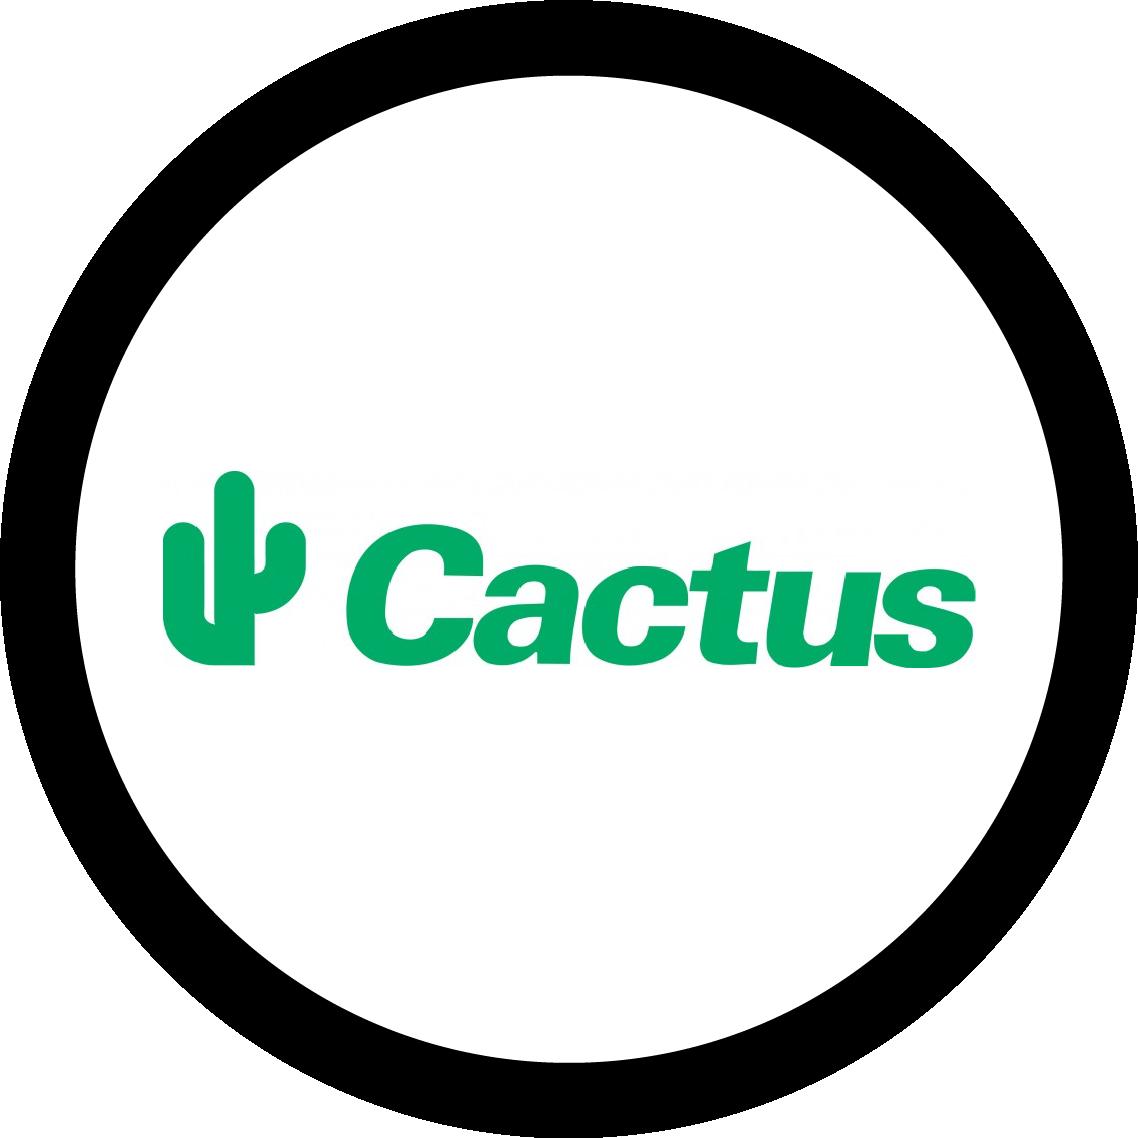 Cactus Merl/Limpertsberg/Belle Etoile